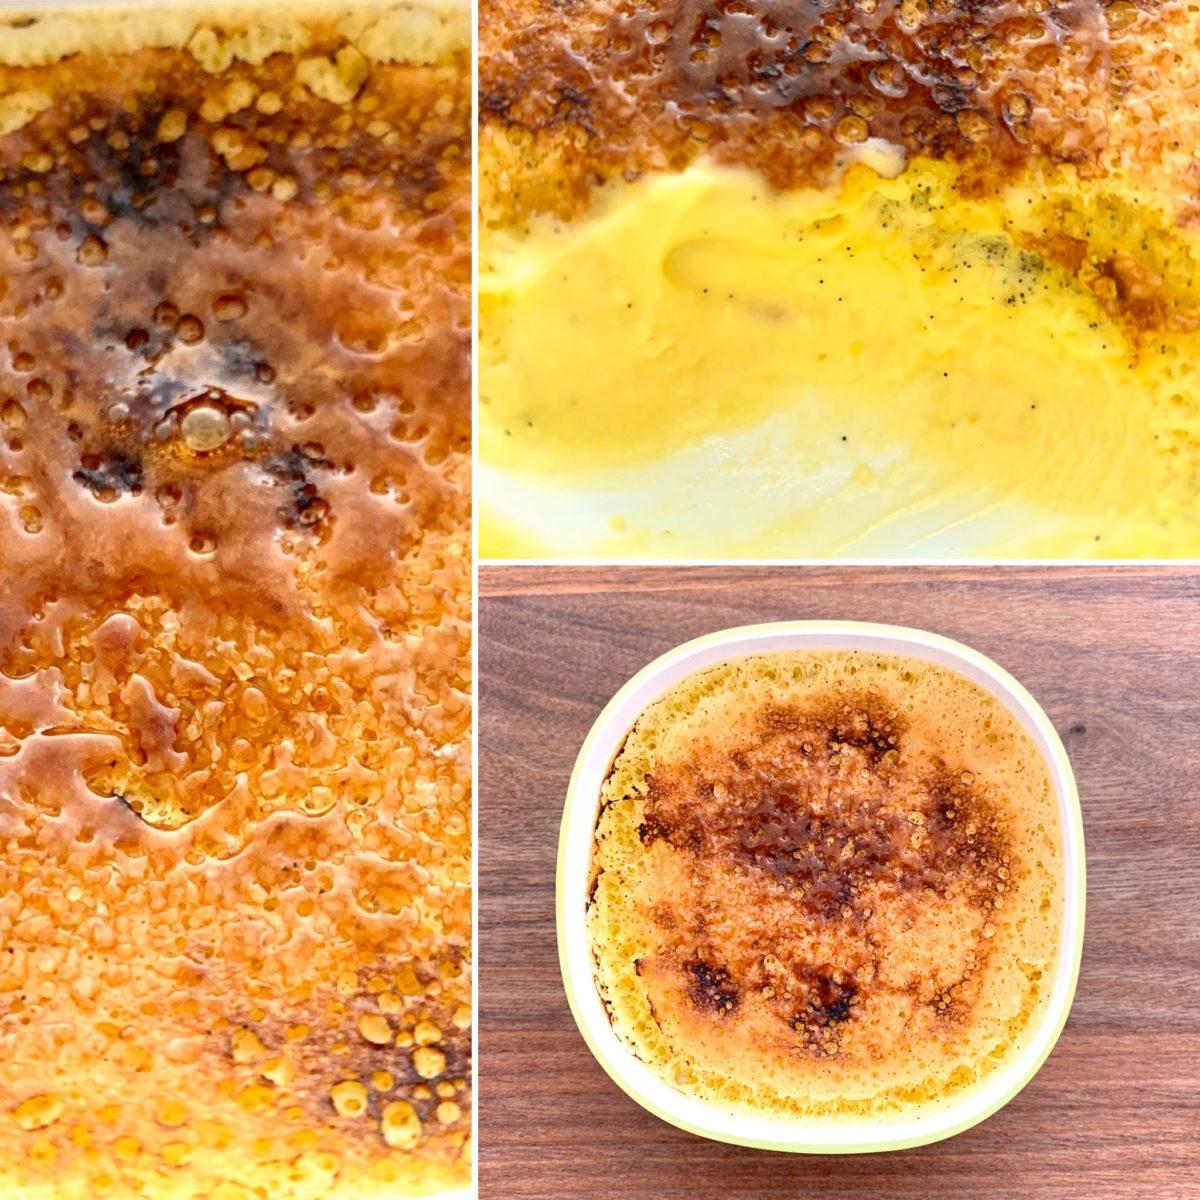 Köstliche Chemie: Crème brûlée